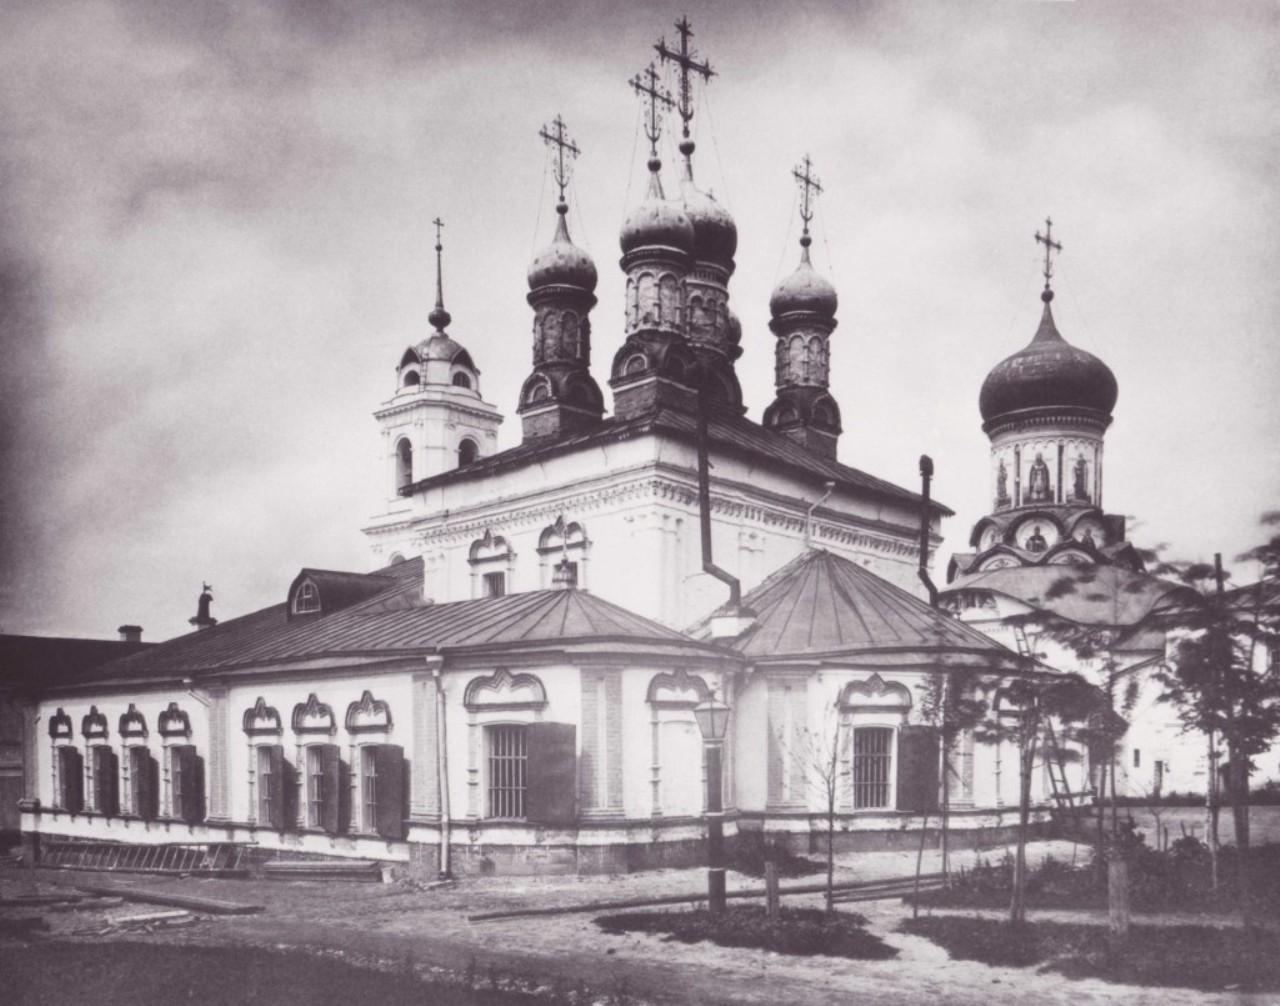 Рождественский концлагерь, Богородице-Рождественский монастырь, Рождественский монастырь (Москва)